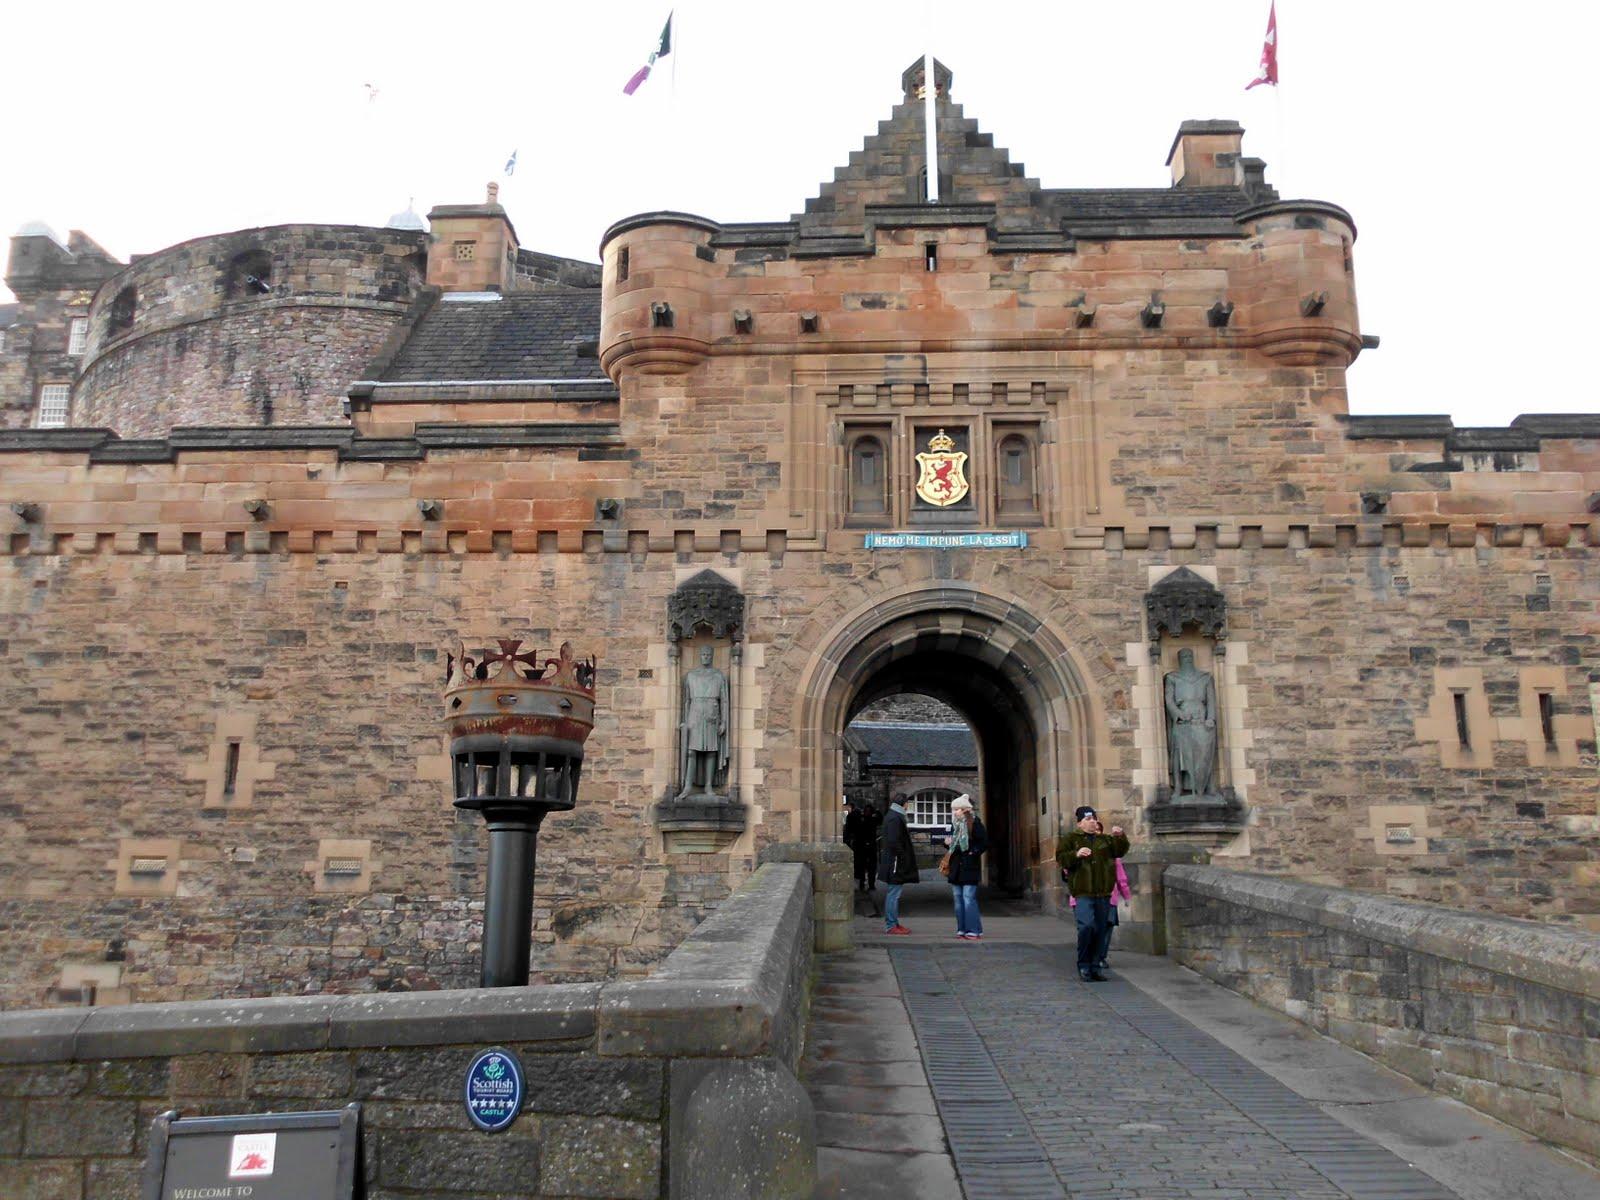 Para viajar con tu principe/princesa al castillo de Edimburgo